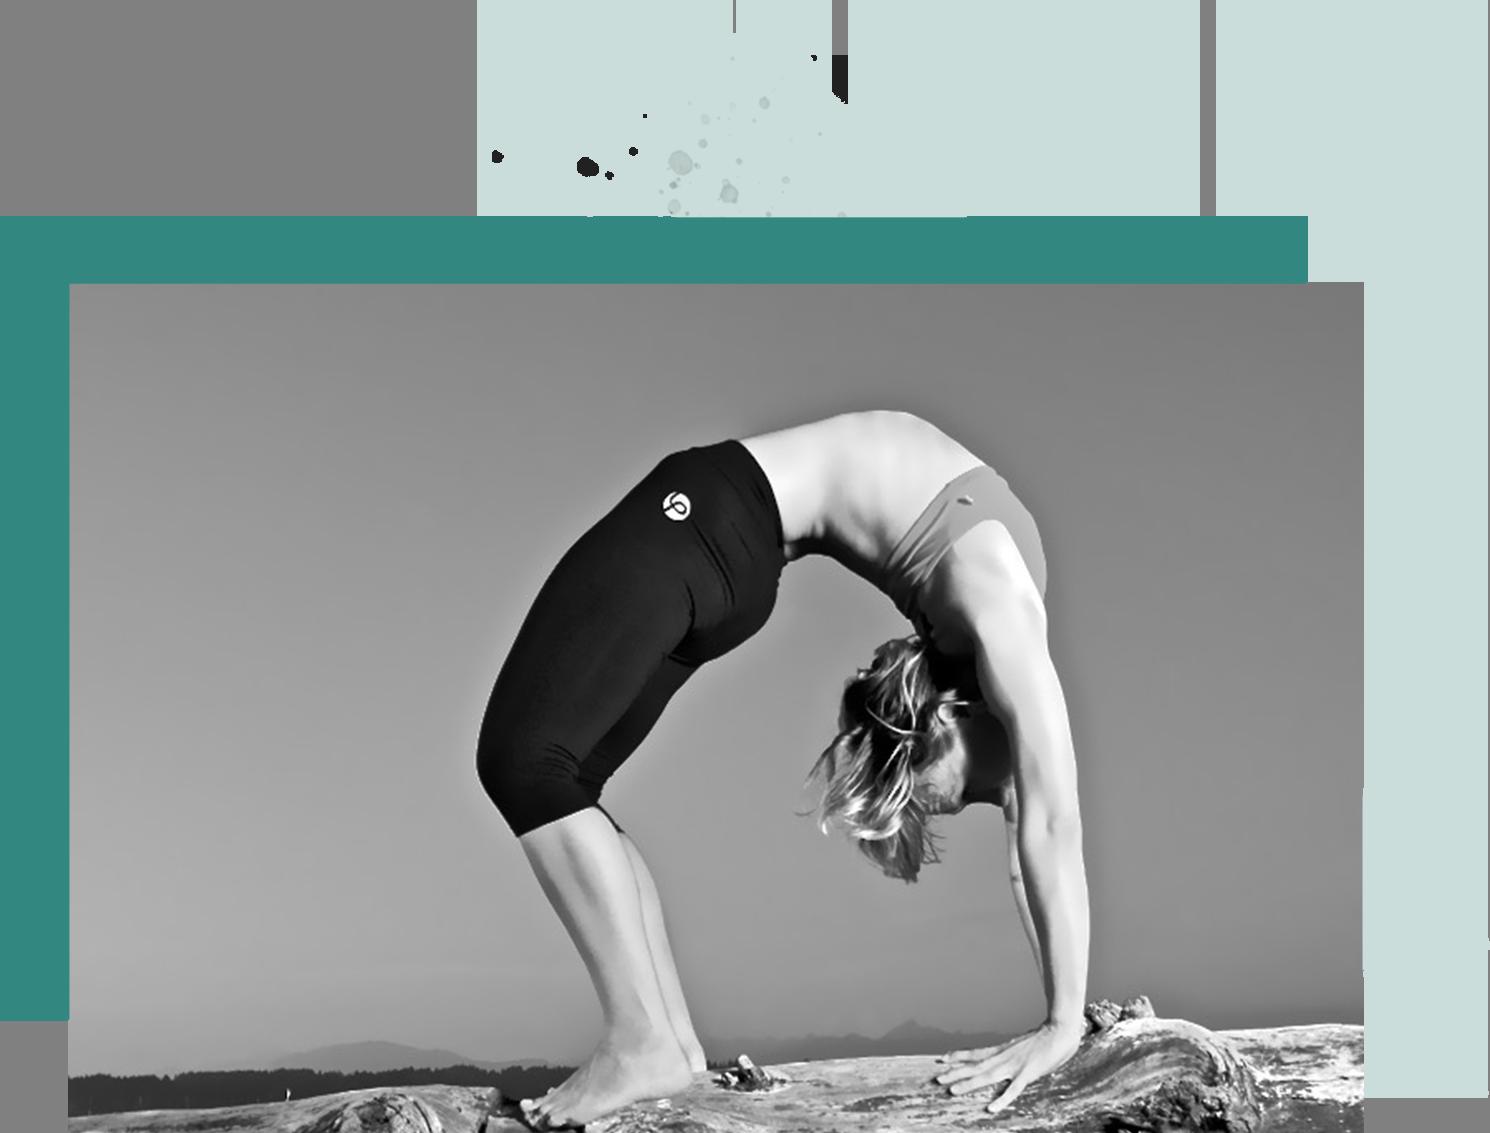 yoga_02.png